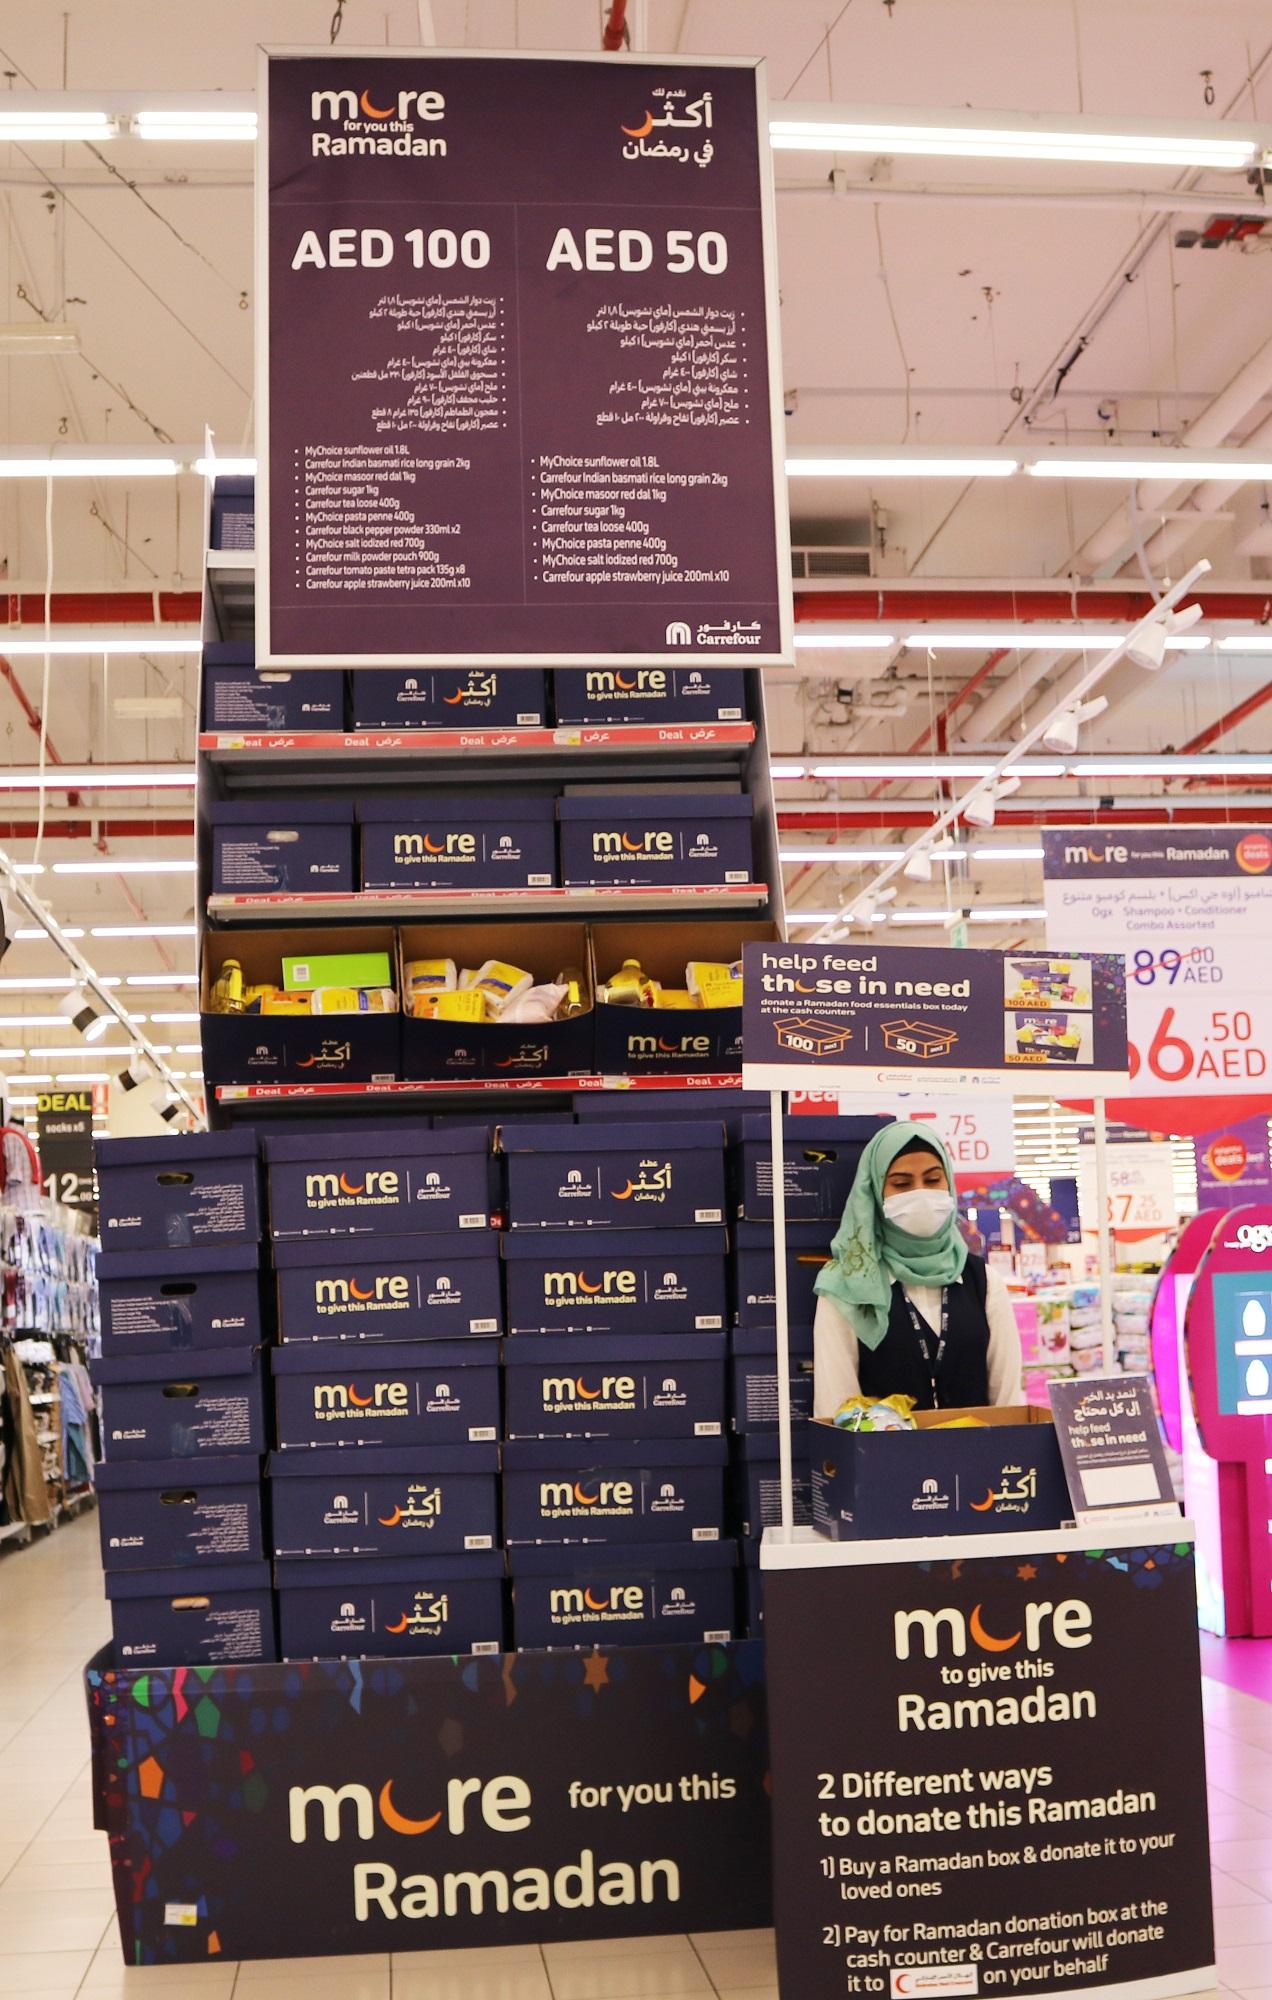 كارفور تطلق حملة لتوفير مستلزمات رمضان الأساسية للفئات المحتاجة